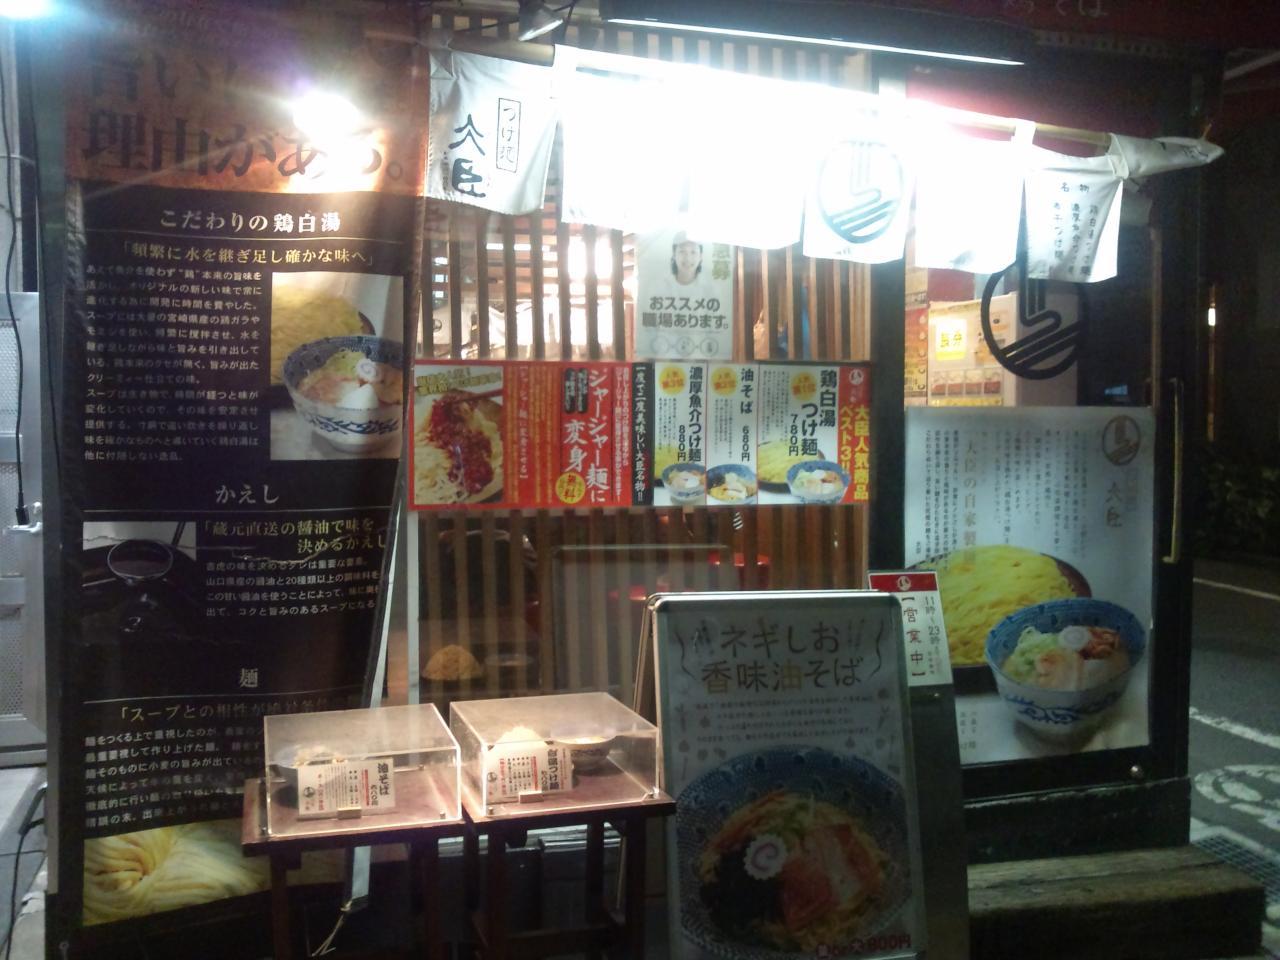 つけ麺大臣(店舗外観)